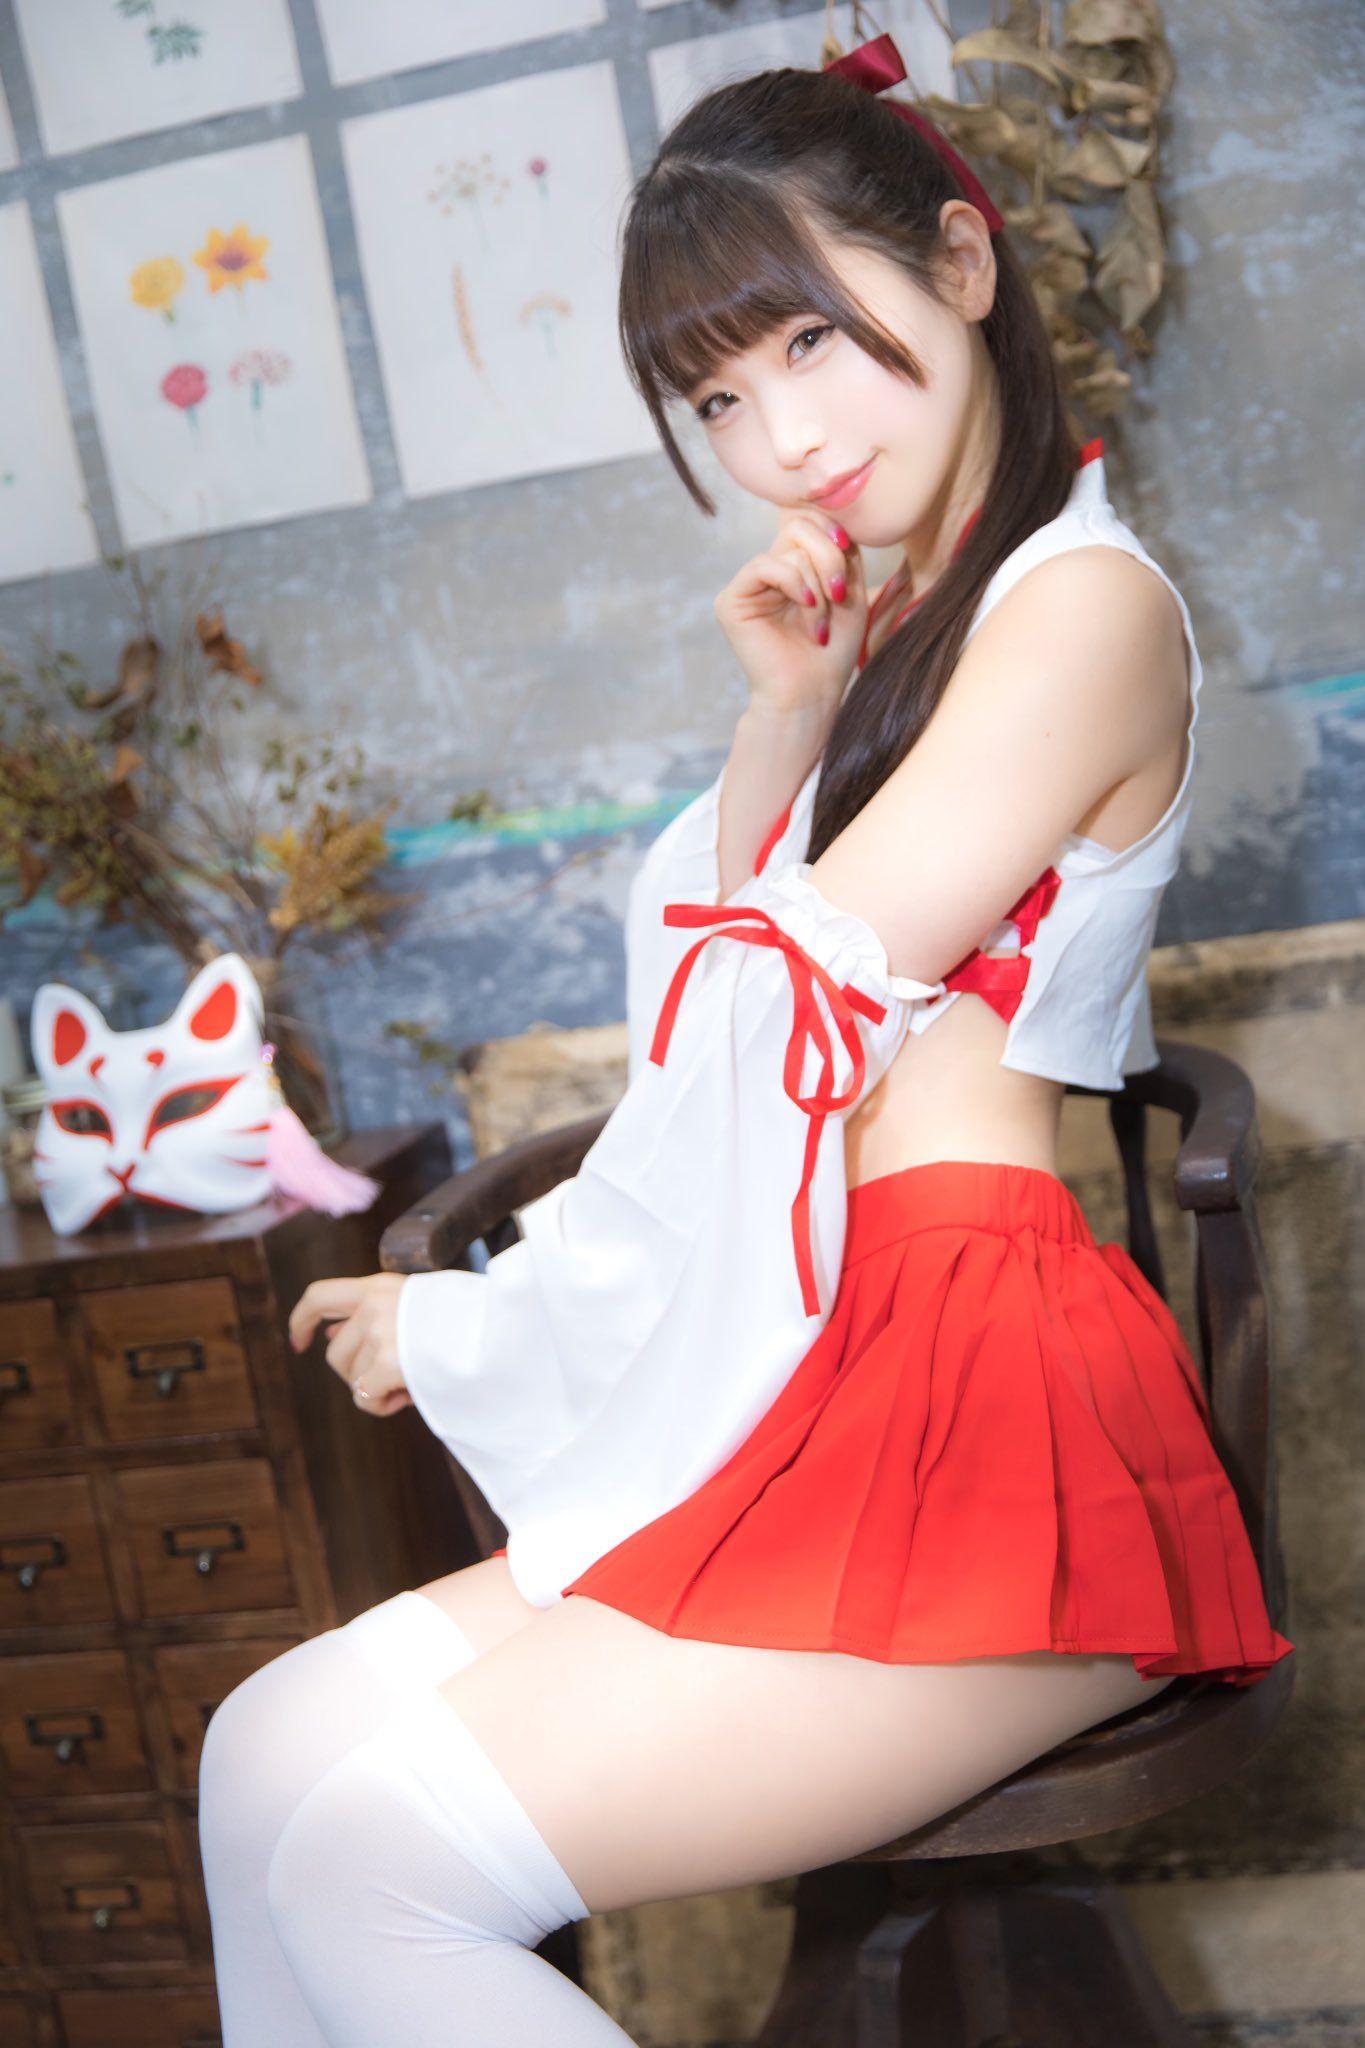 日本萌妹Coser美图合集欣赏 青春可爱性感撩人